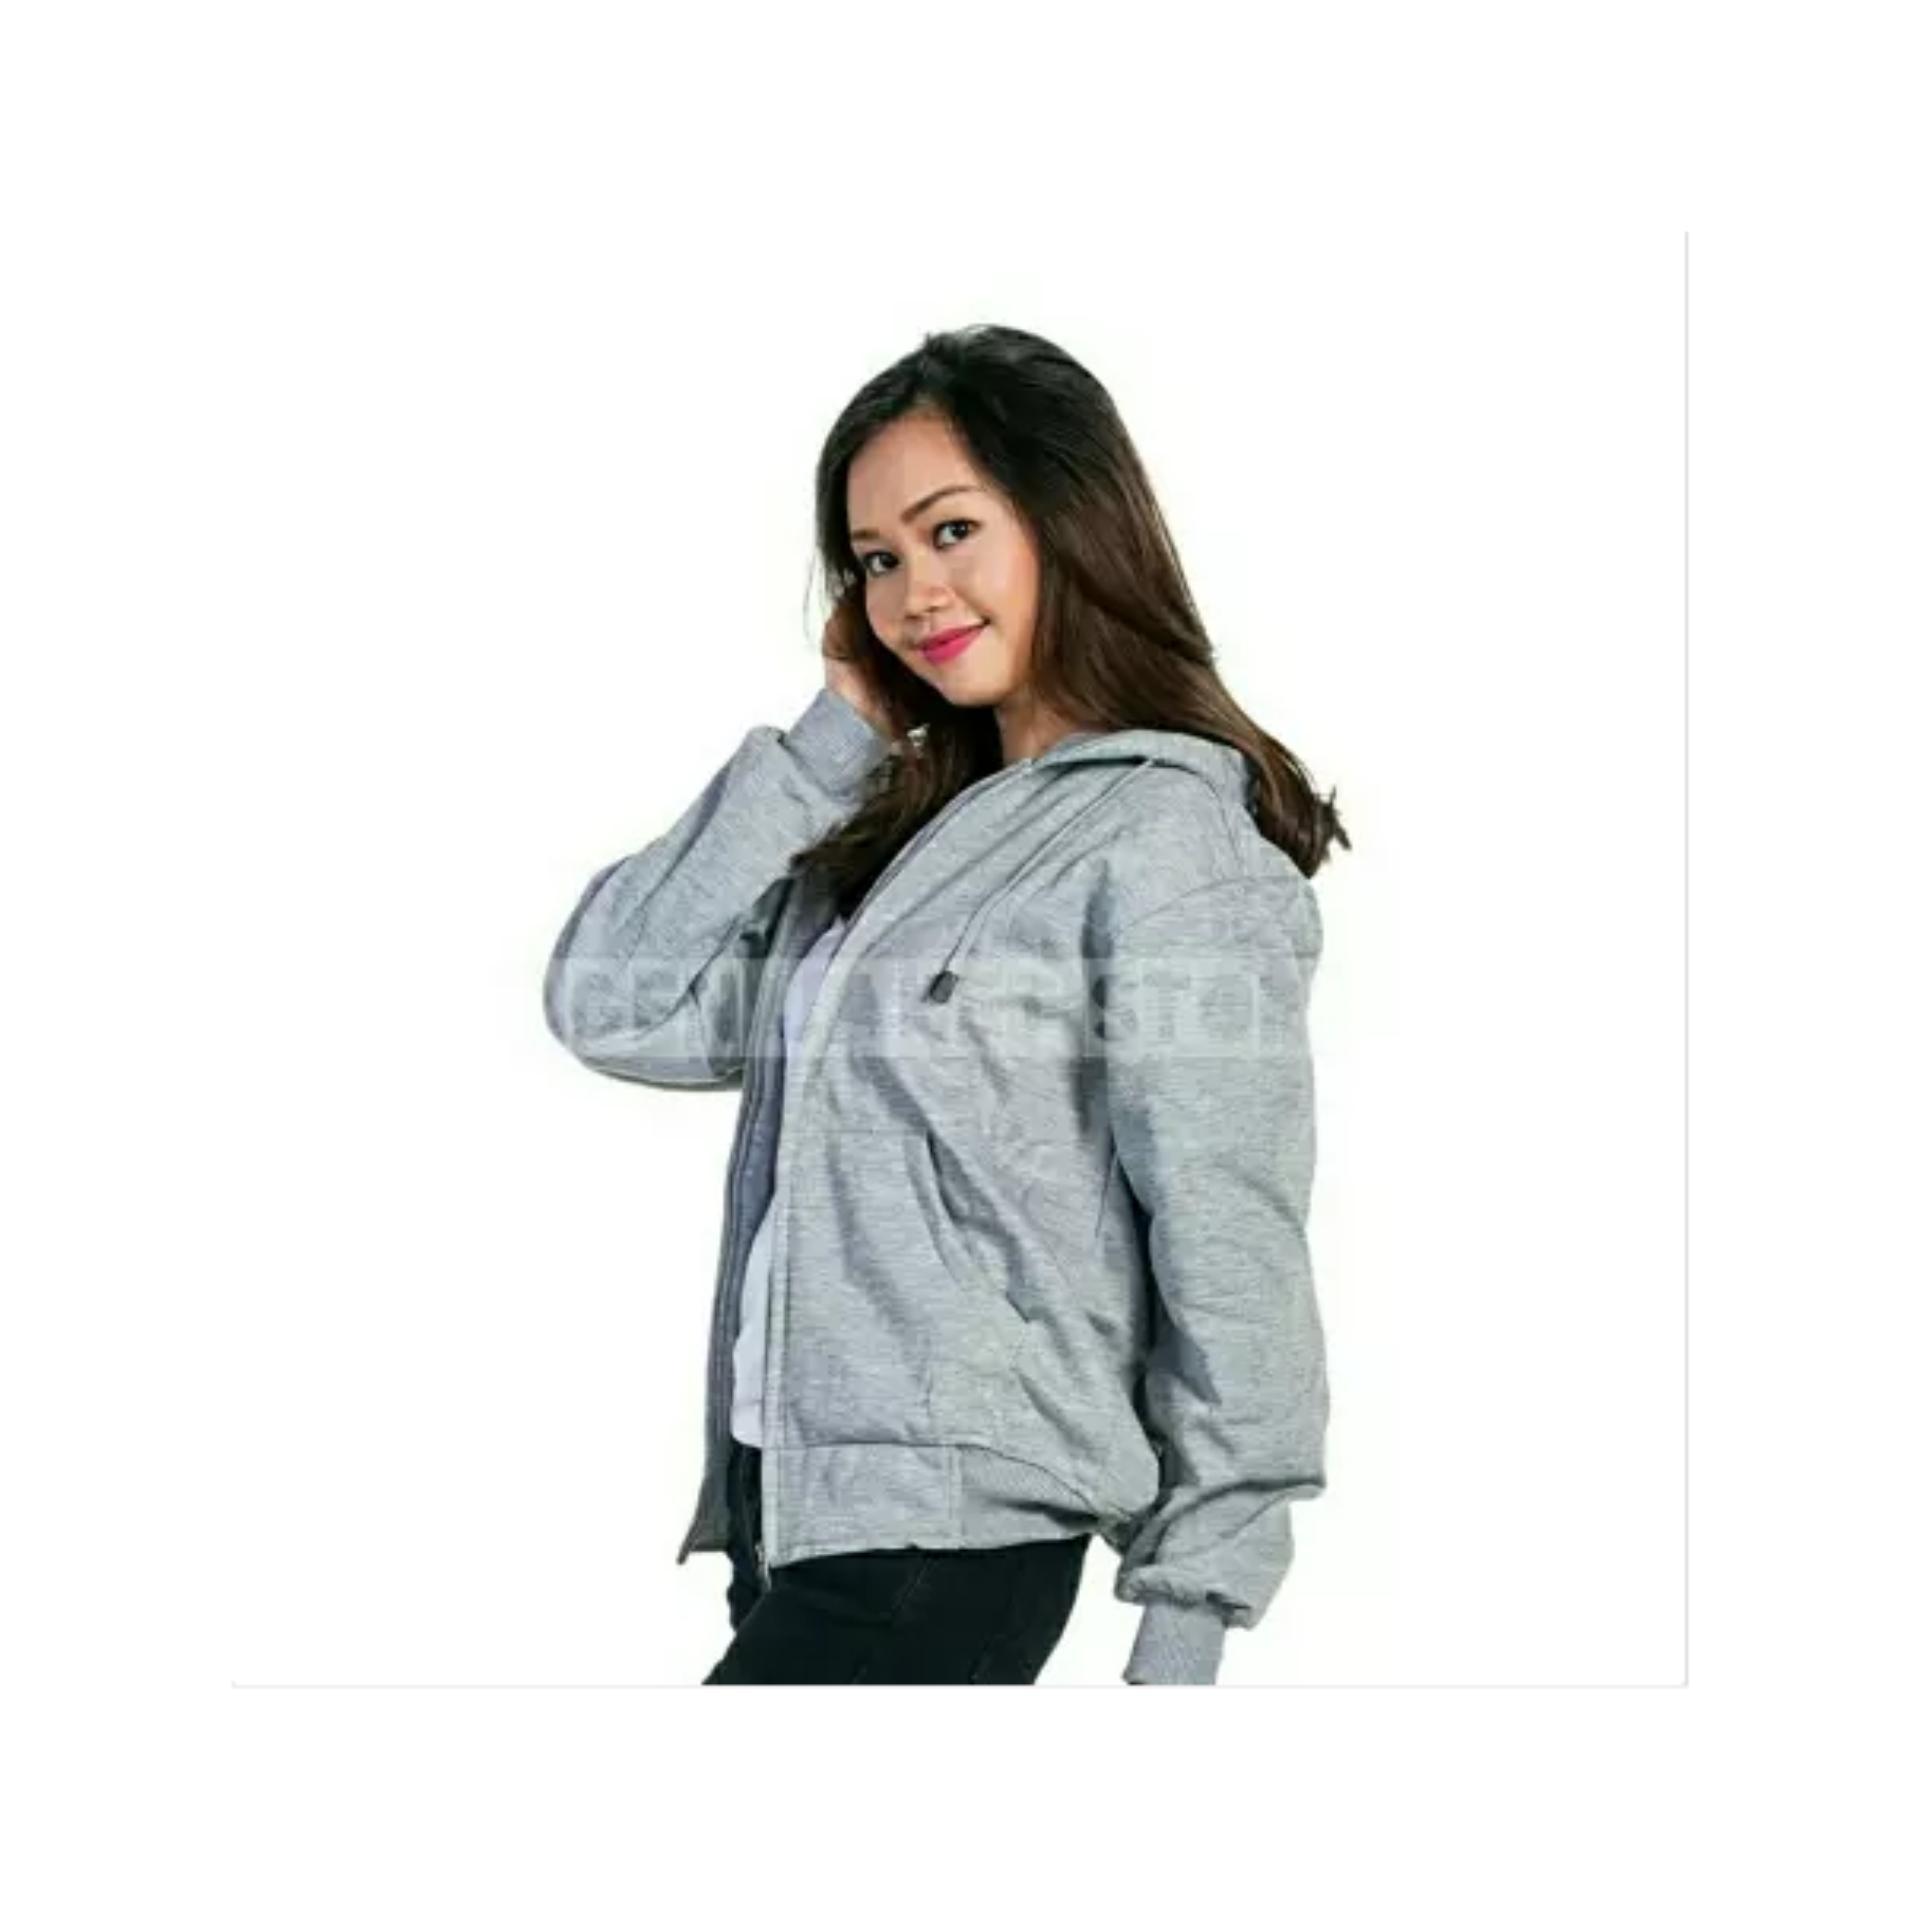 Terbaik Murah Jaket Sweater Polos Hoodie Zipper Abu Misty Hot Deals Biru Dongker Navy